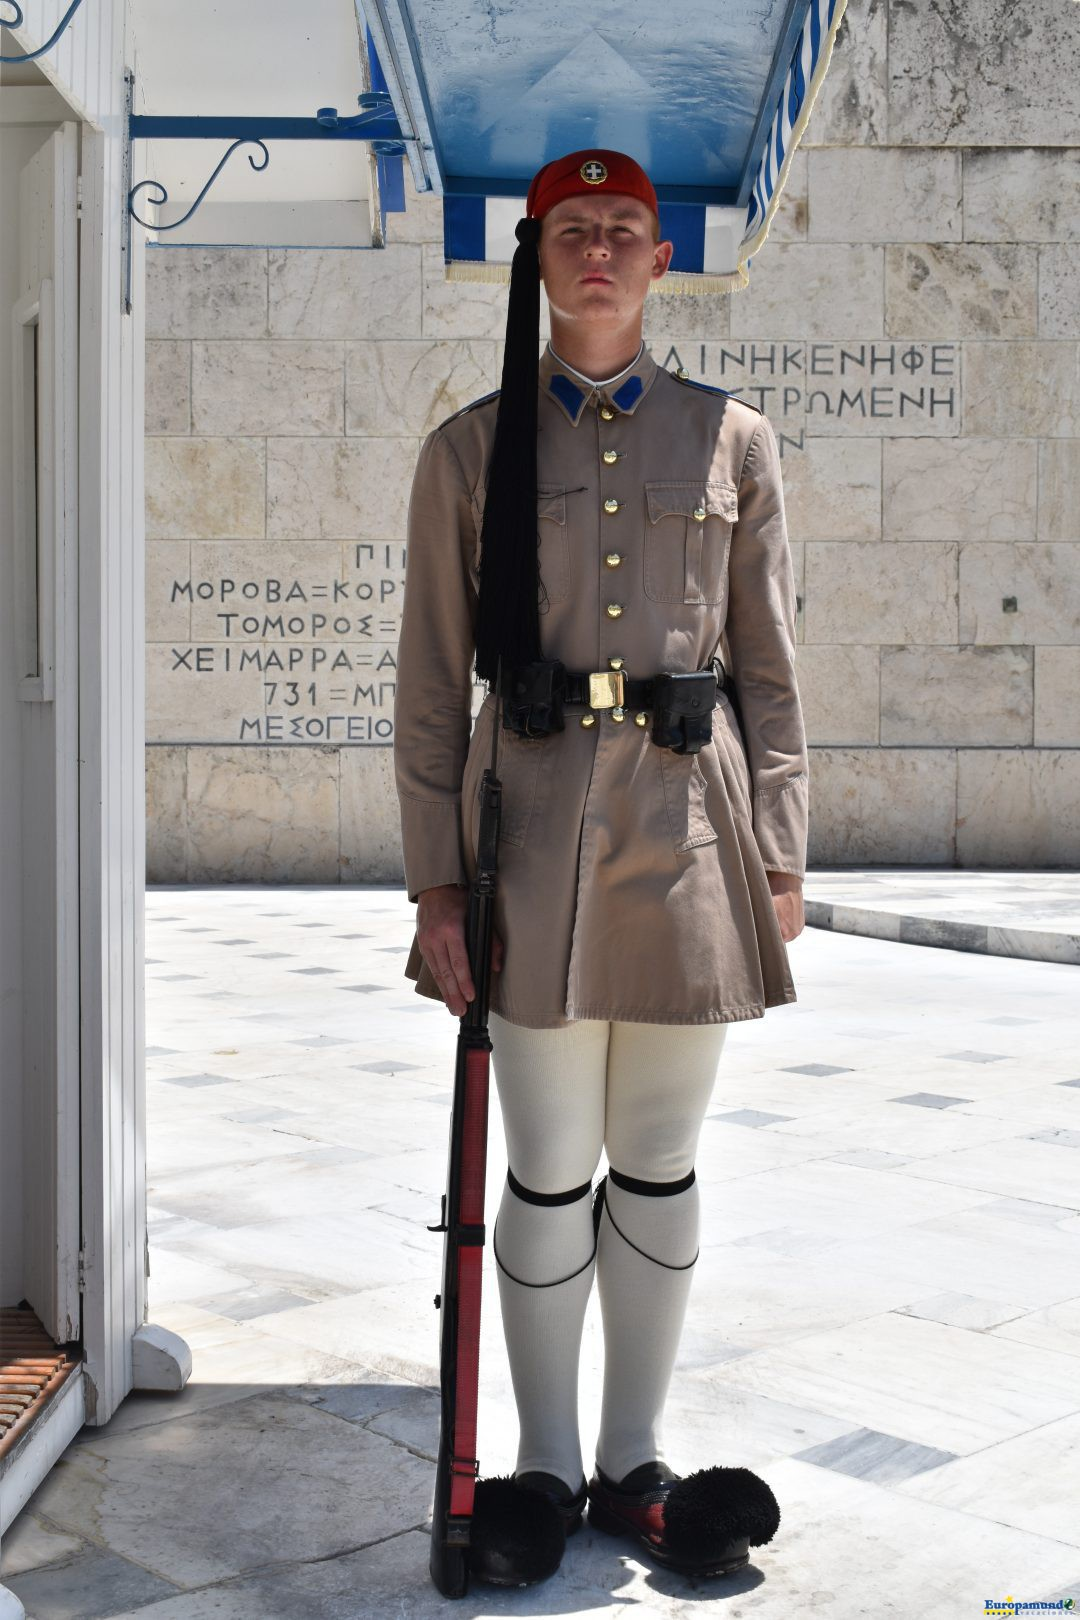 Guardia parlamento